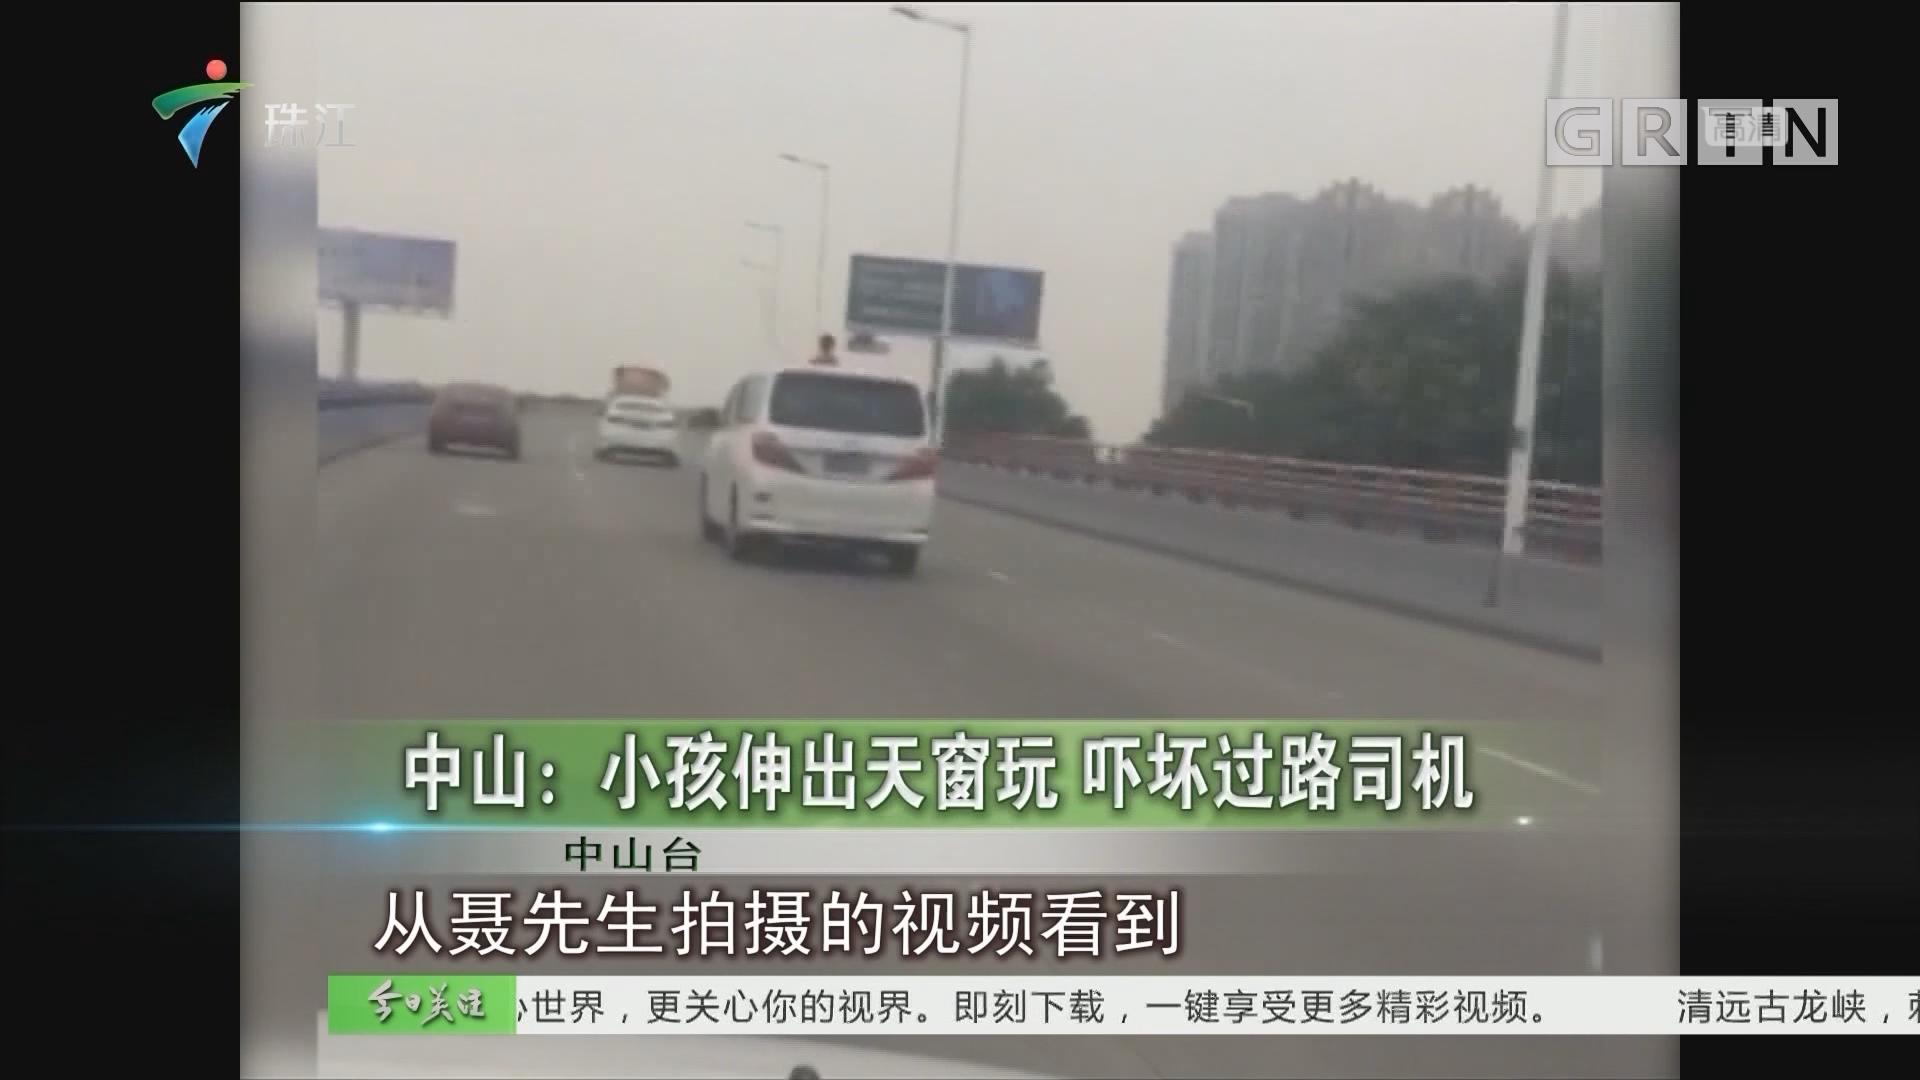 中山:小孩伸出天窗玩 吓坏过路司机